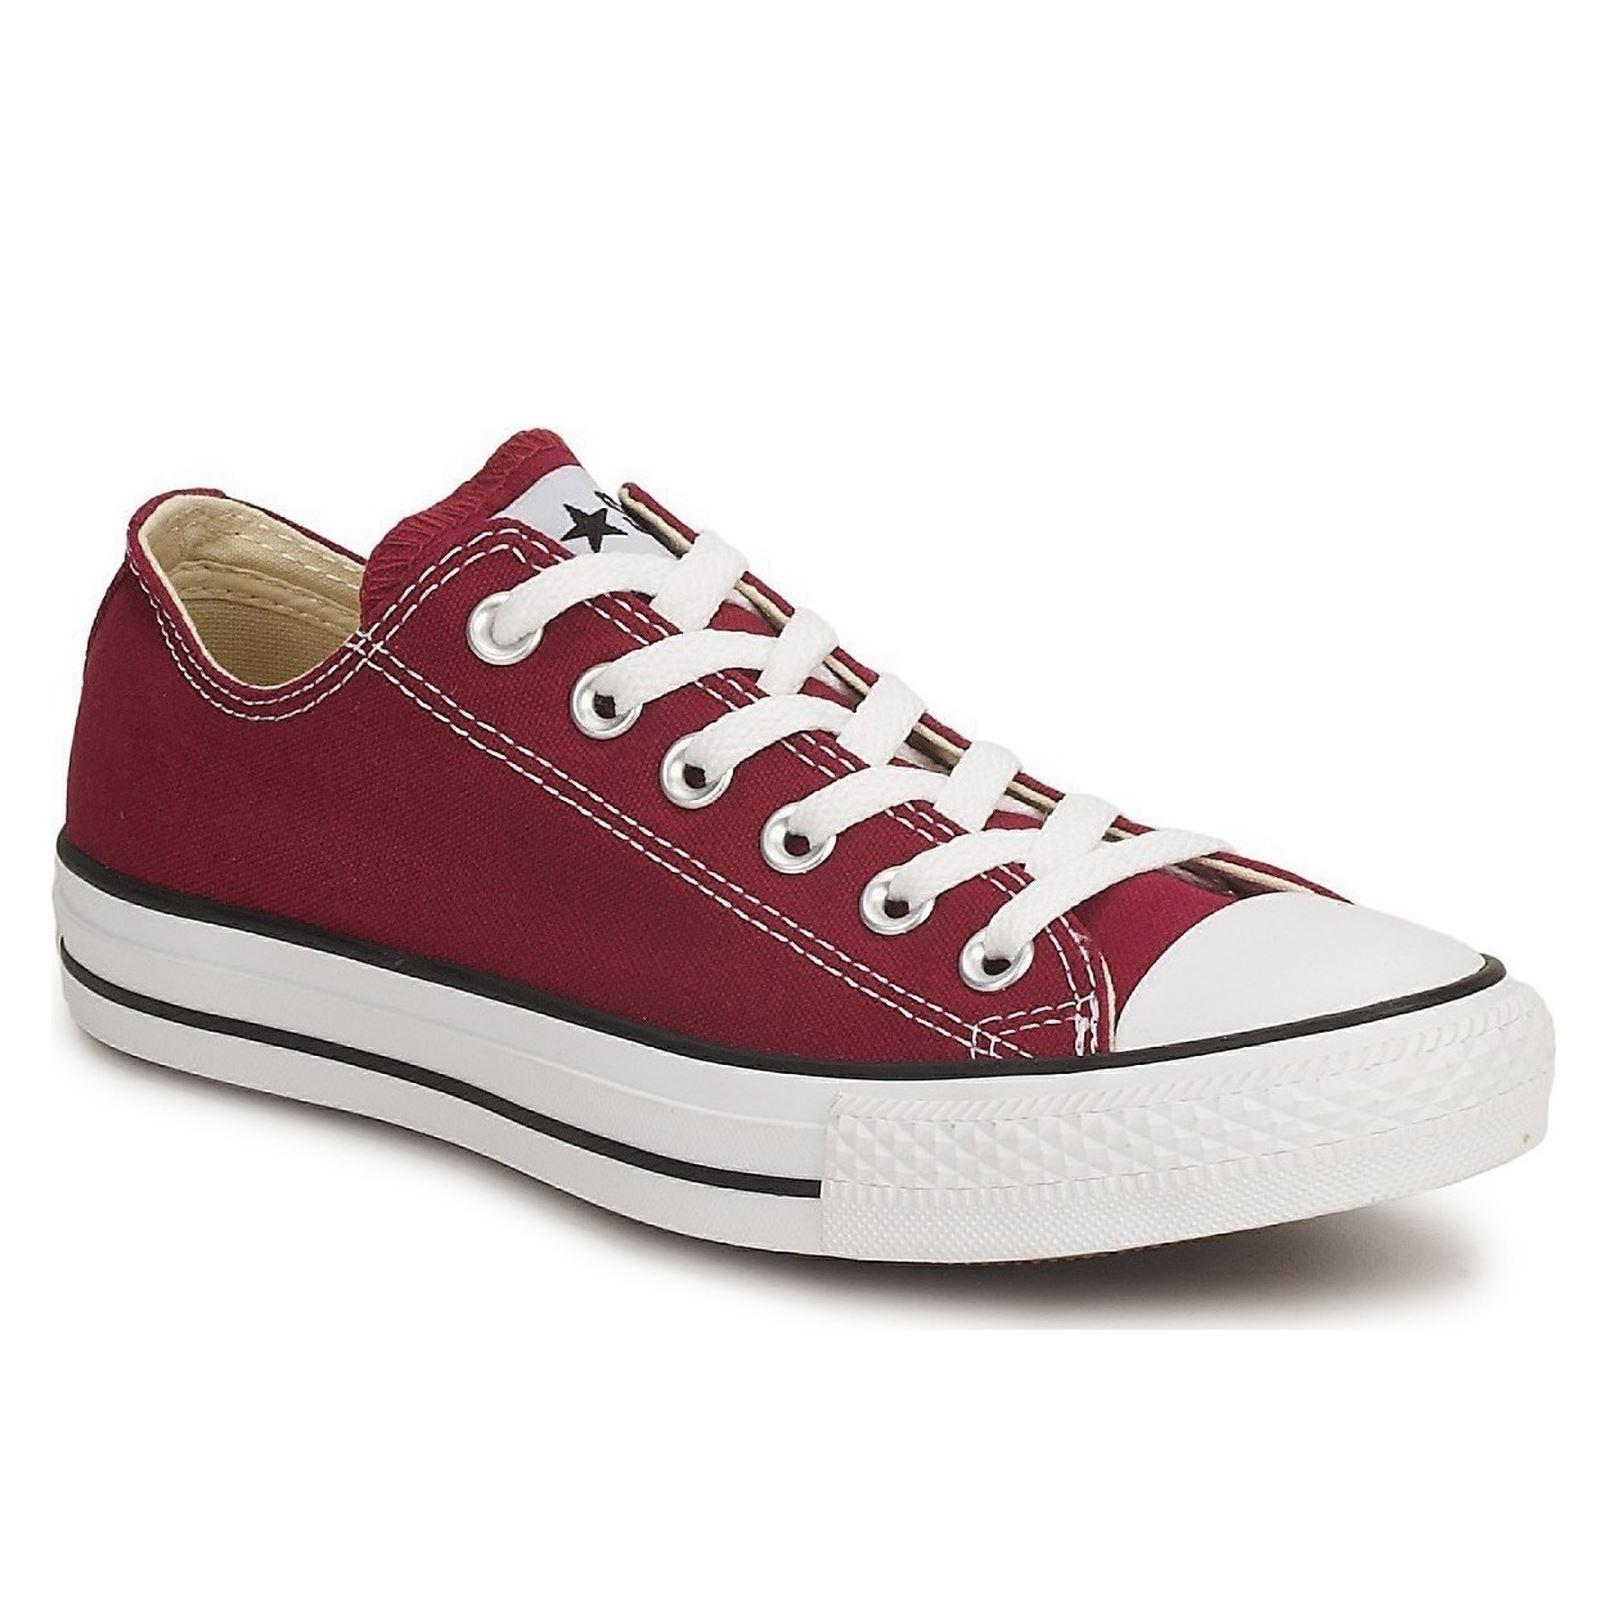 Dc Shoes Femme Amazon